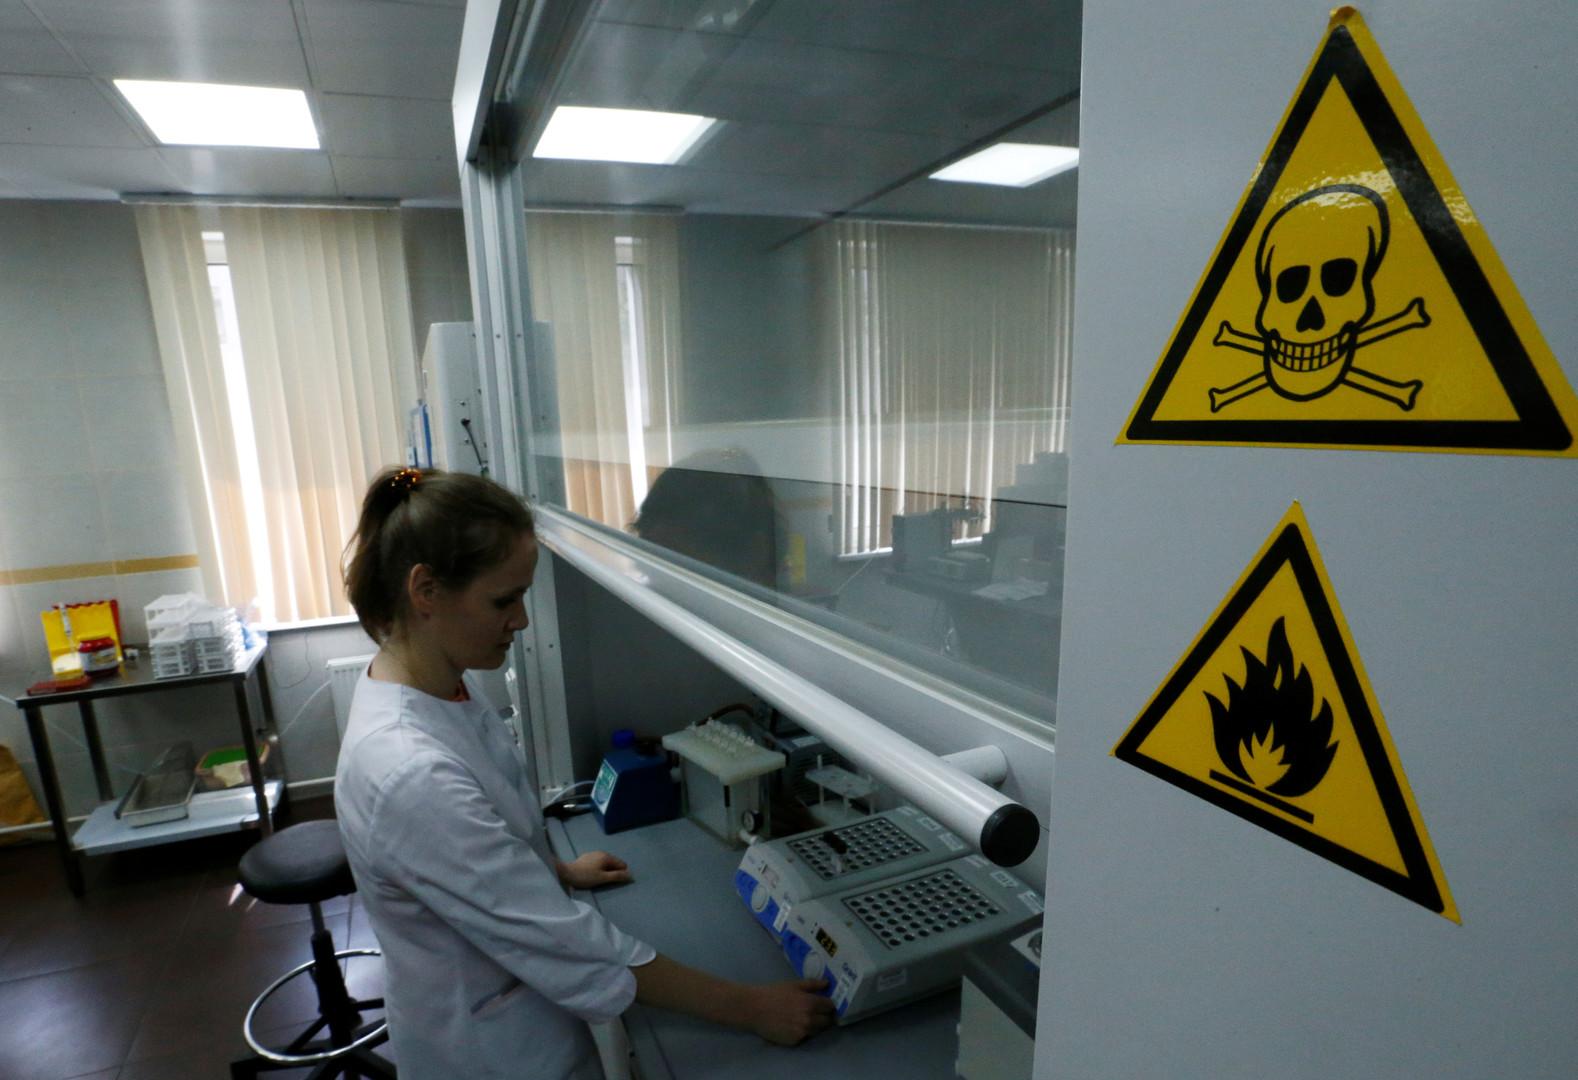 Спортивный юрист: ARD сами не верят в достоверность доказательств применения допинга в РФ